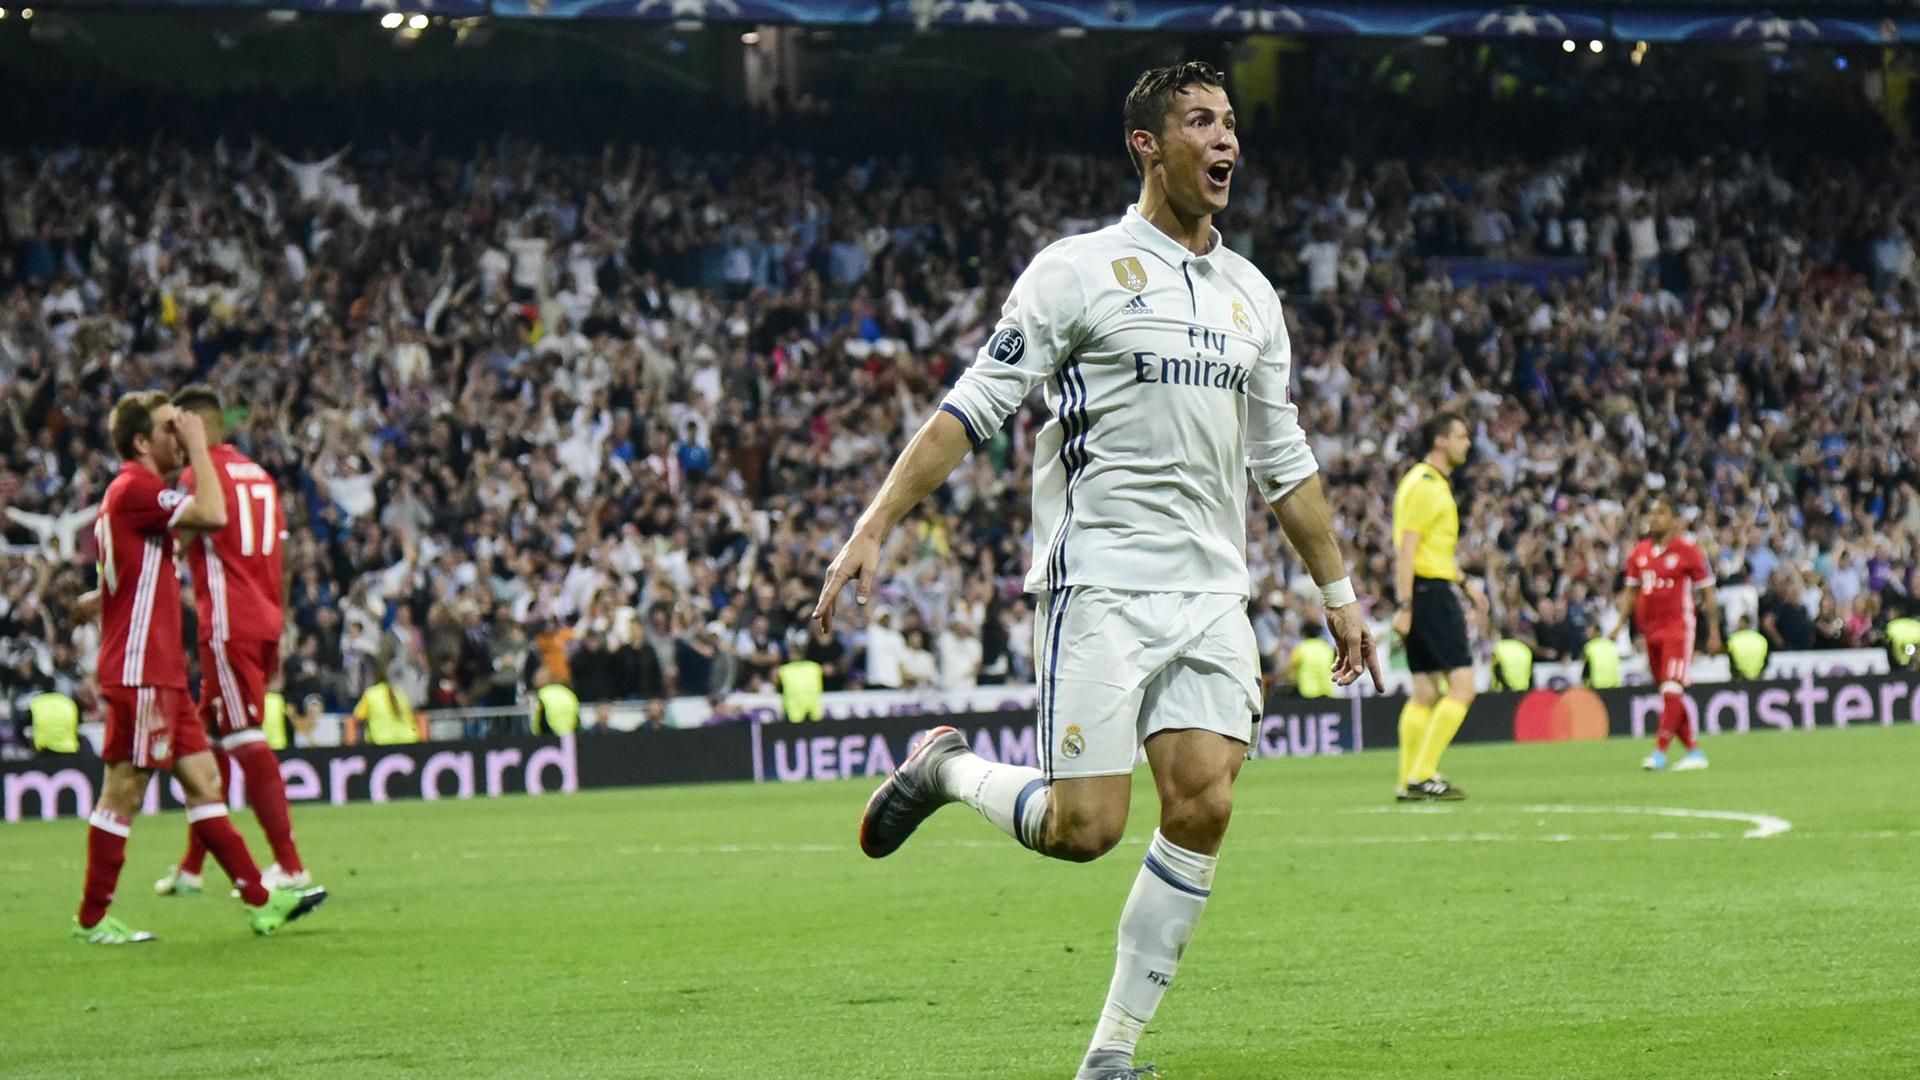 1 - Cristiano Ronaldo